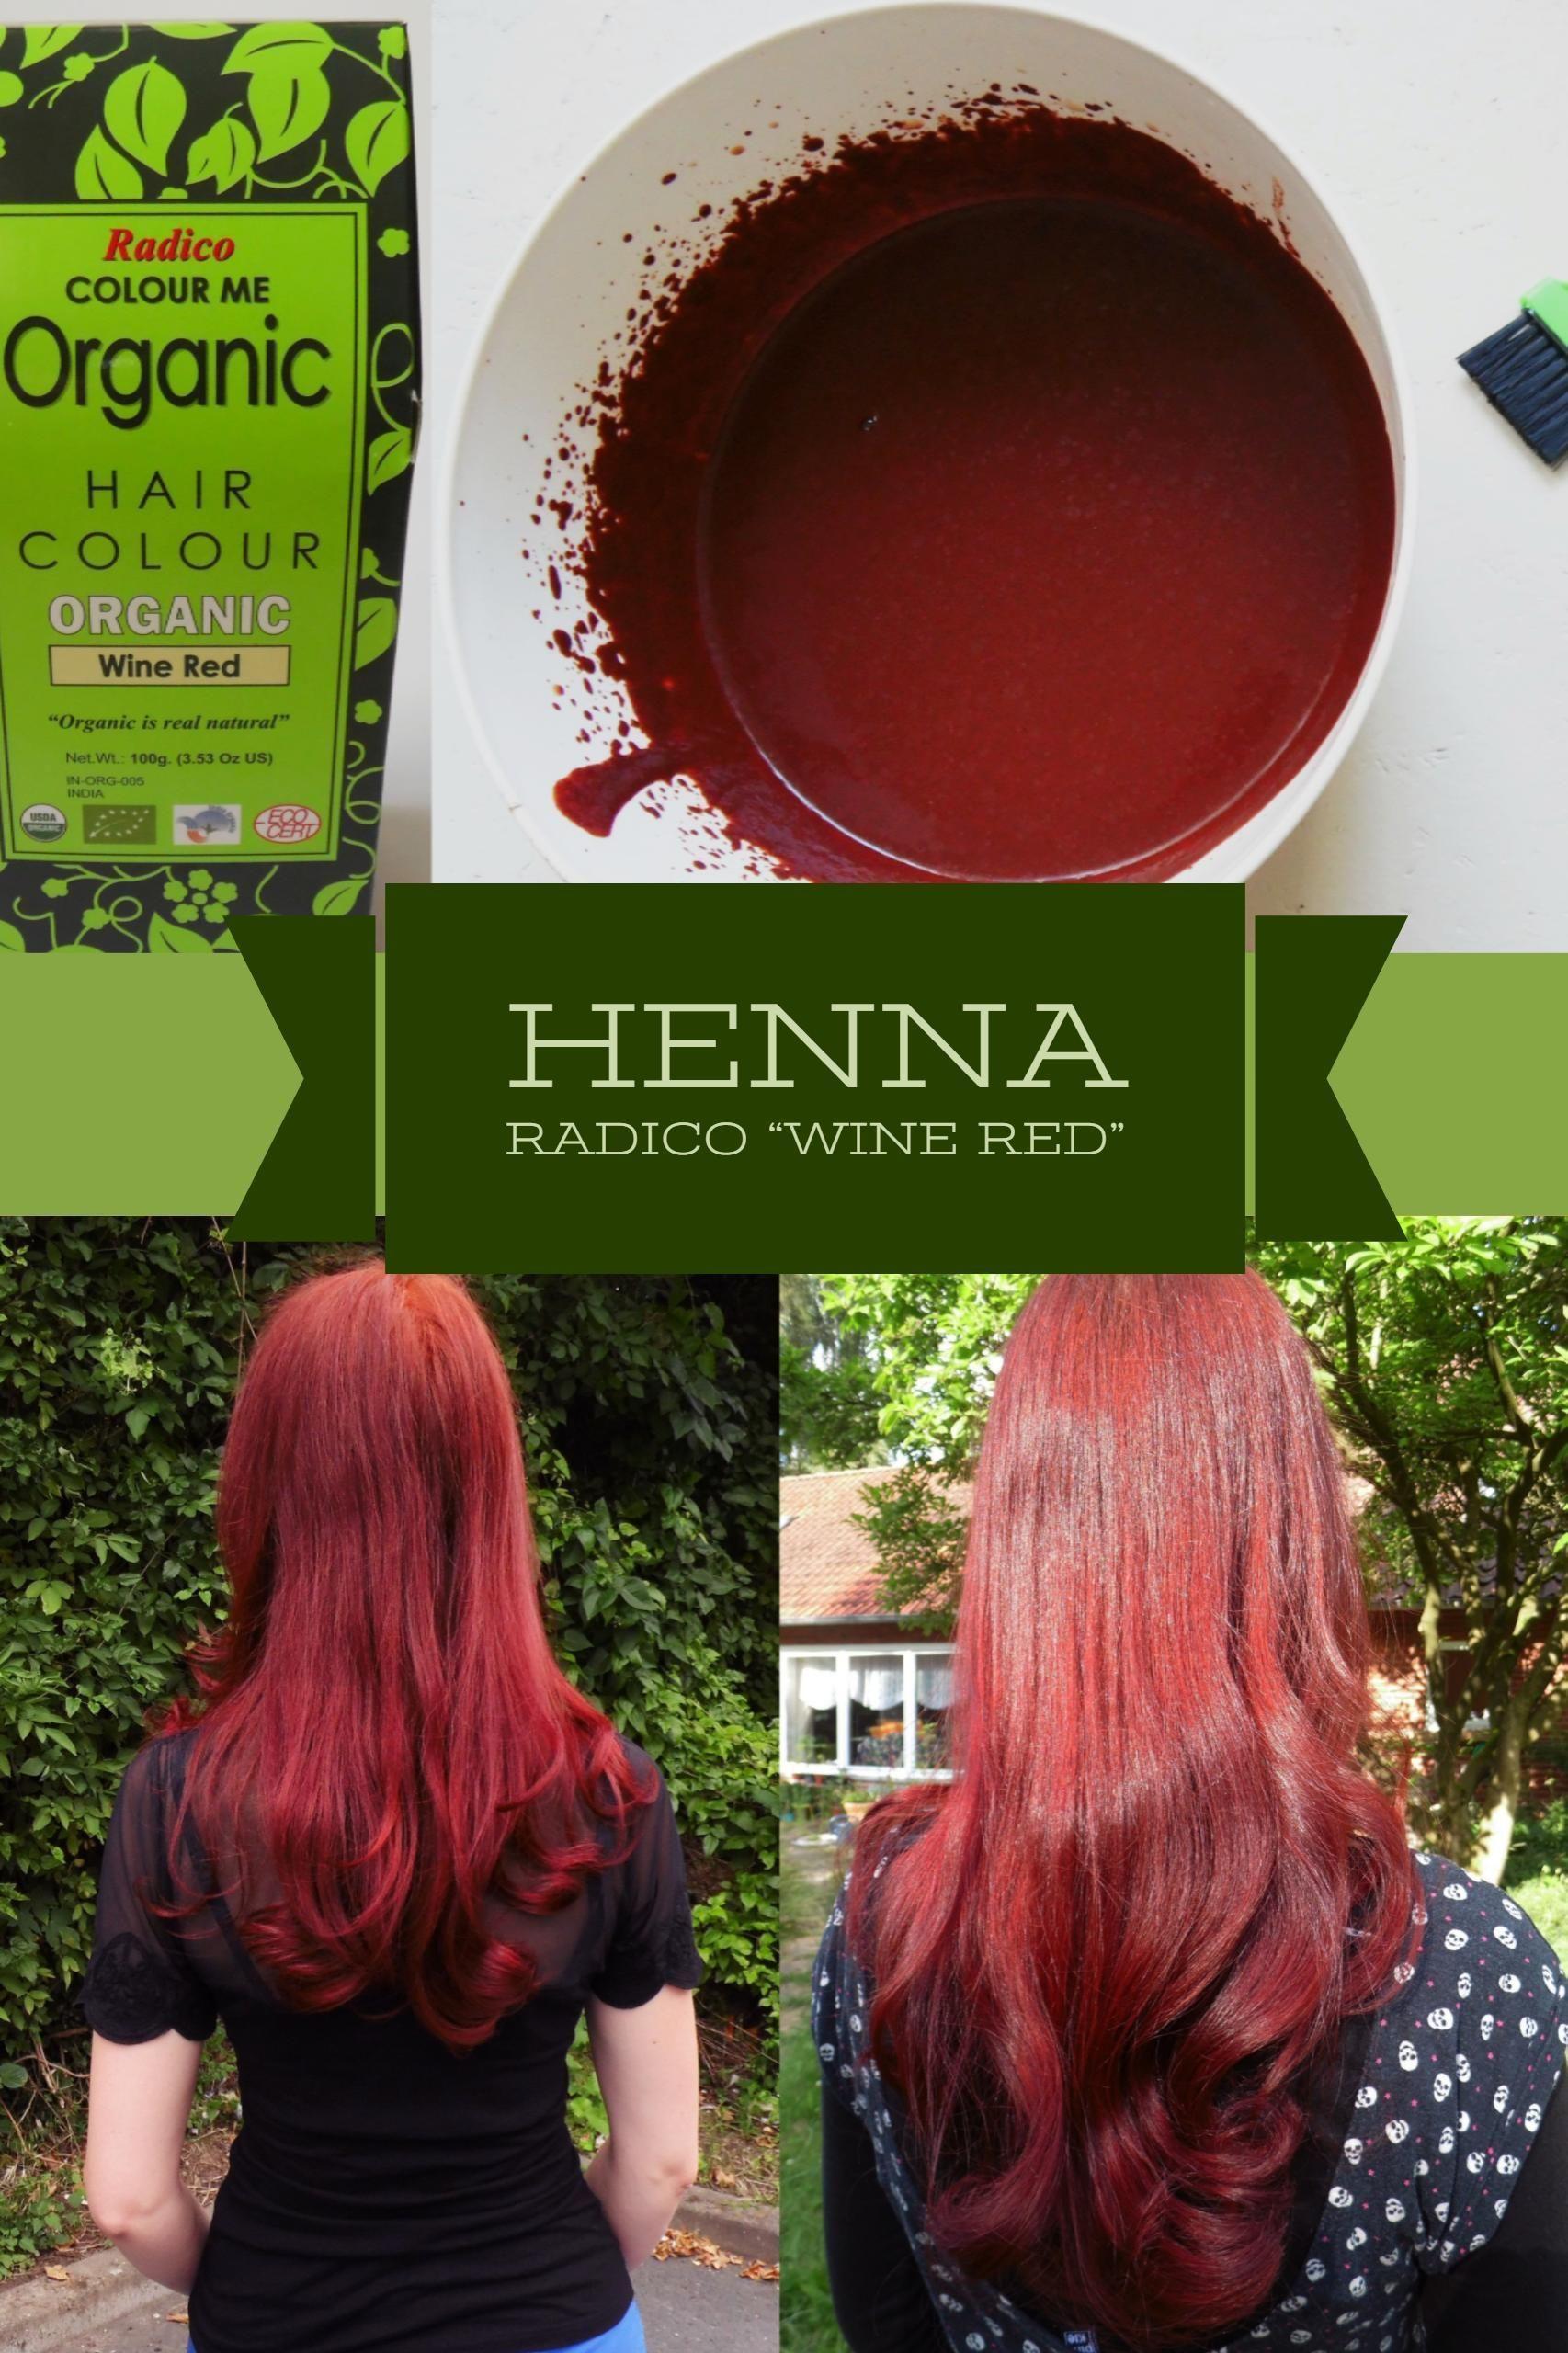 Haare Farben I Rote Haare Mit Henna Das Wine Red Von Radico Gibt